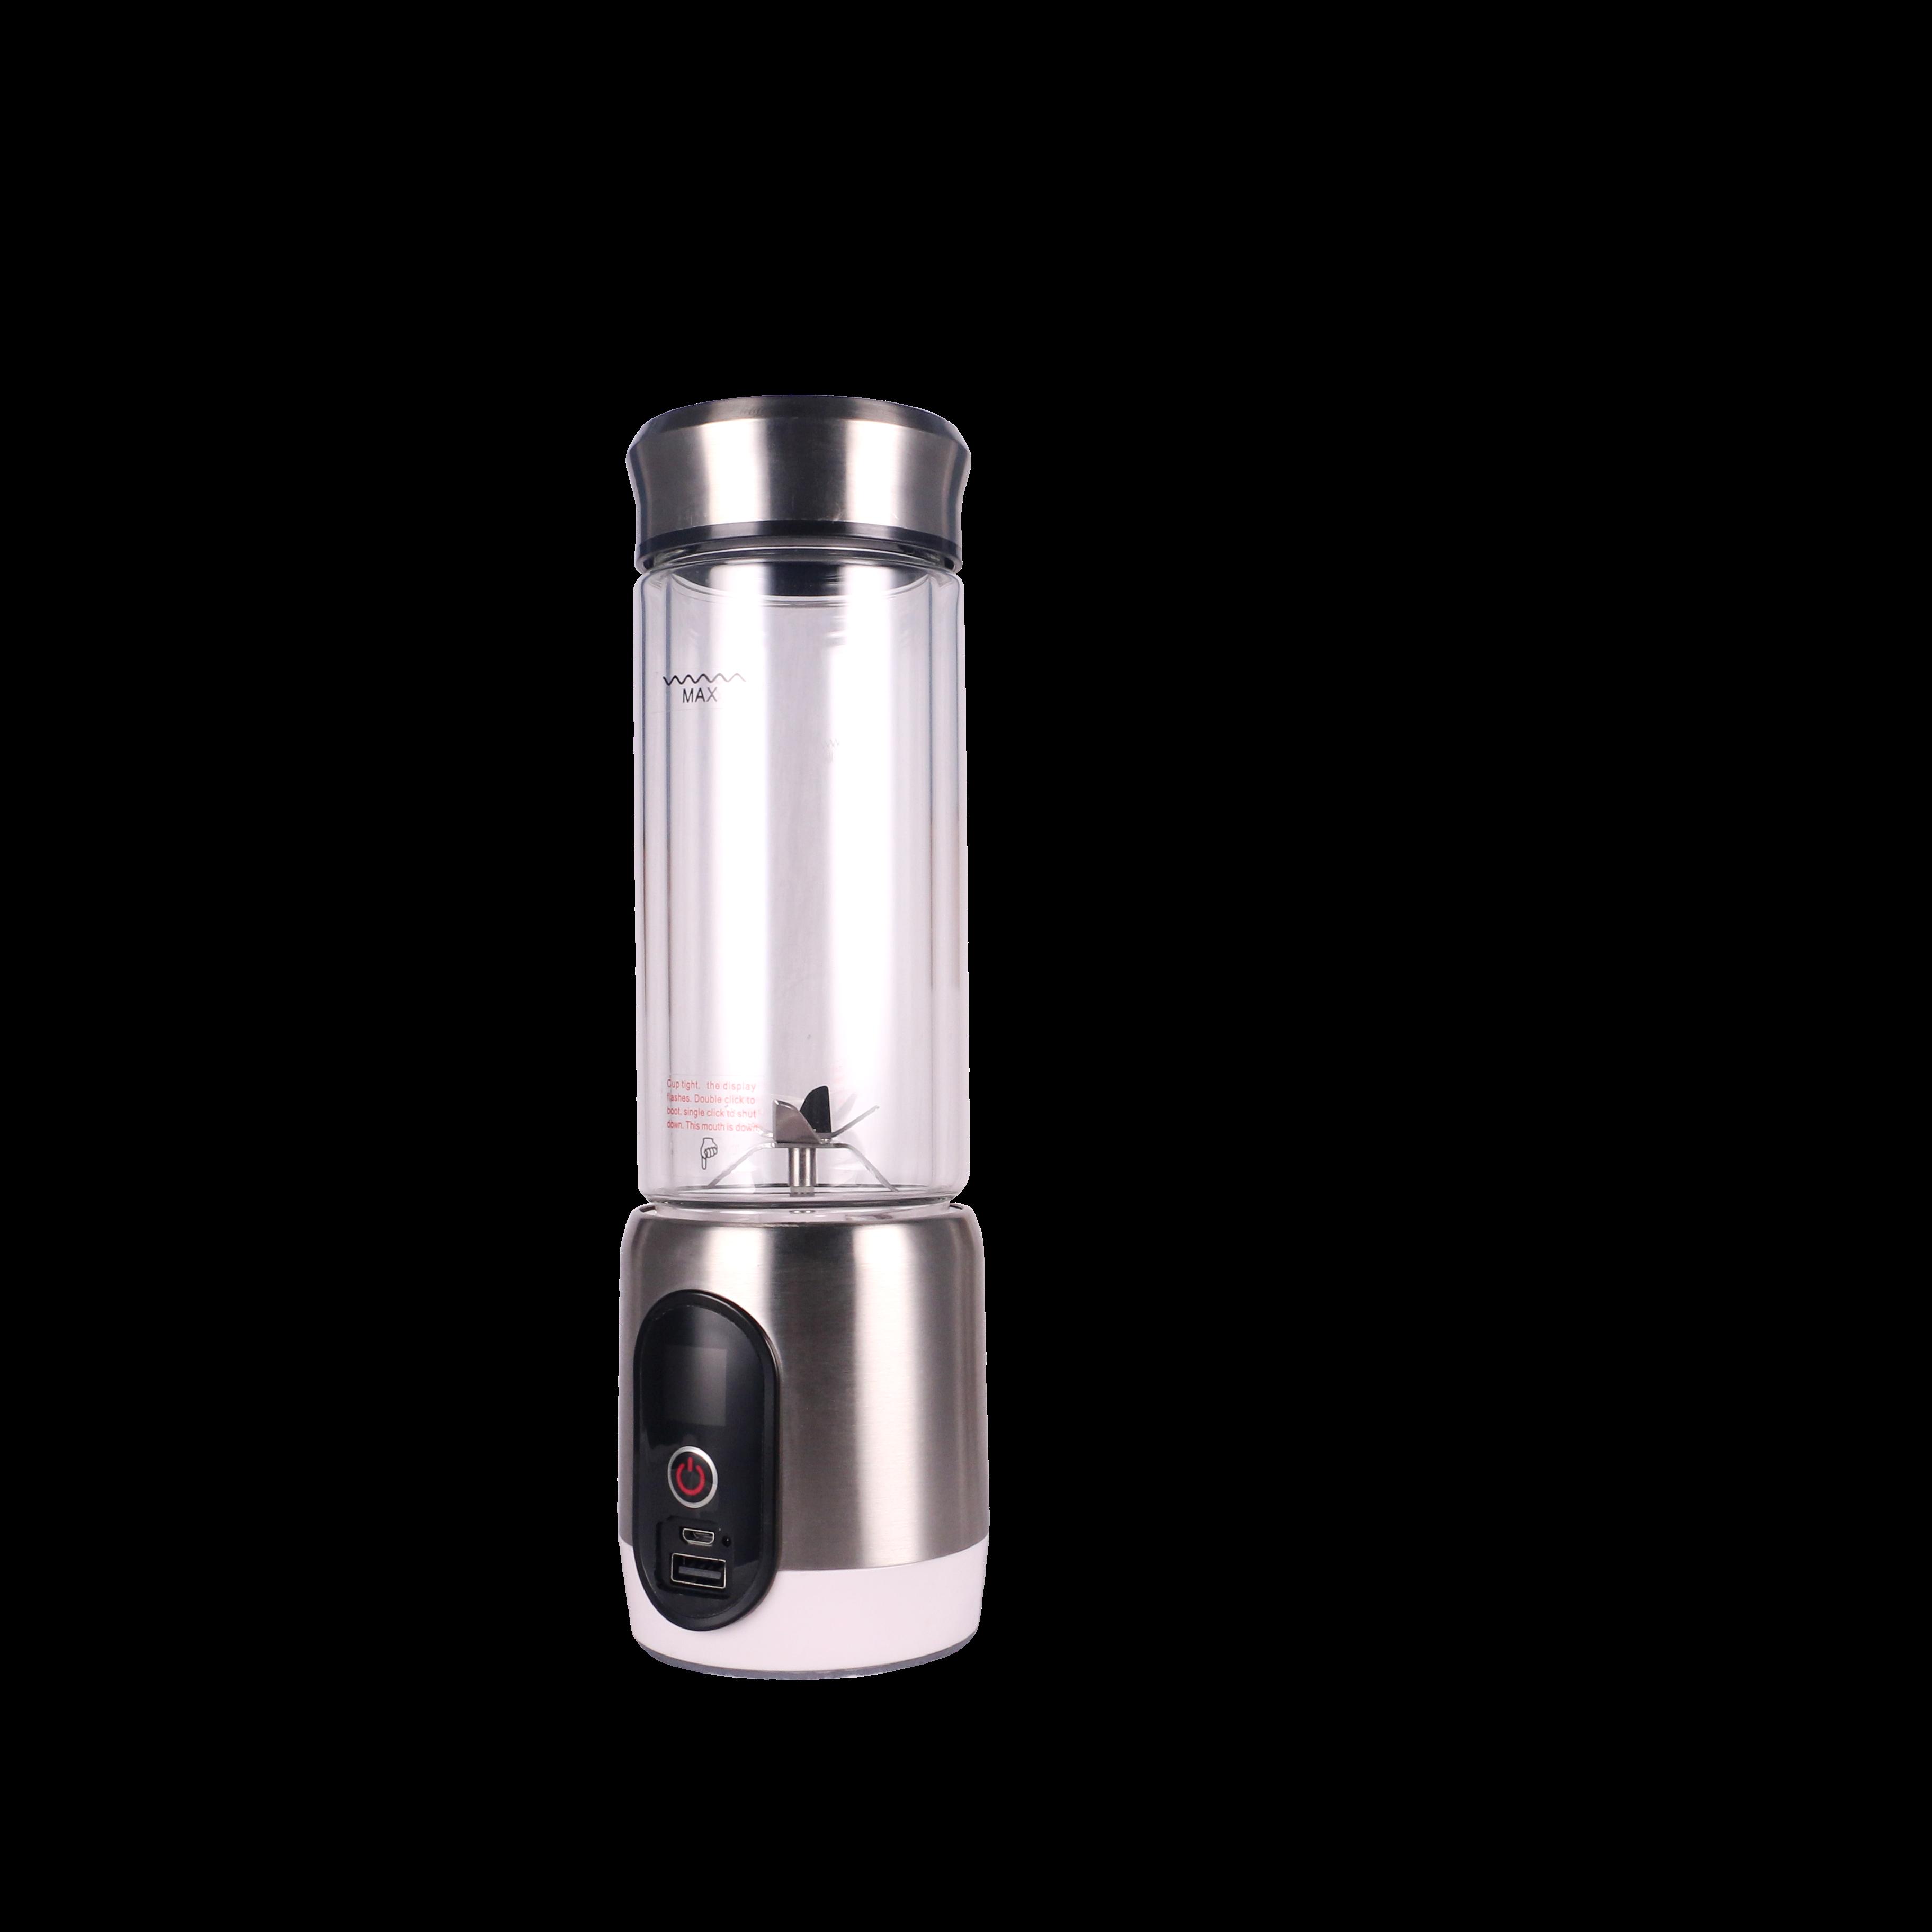 Портативная электрическая USB-соковыжималка, Перезаряжаемый USB-блендер для фруктов, ручная соковыжималка для смузи